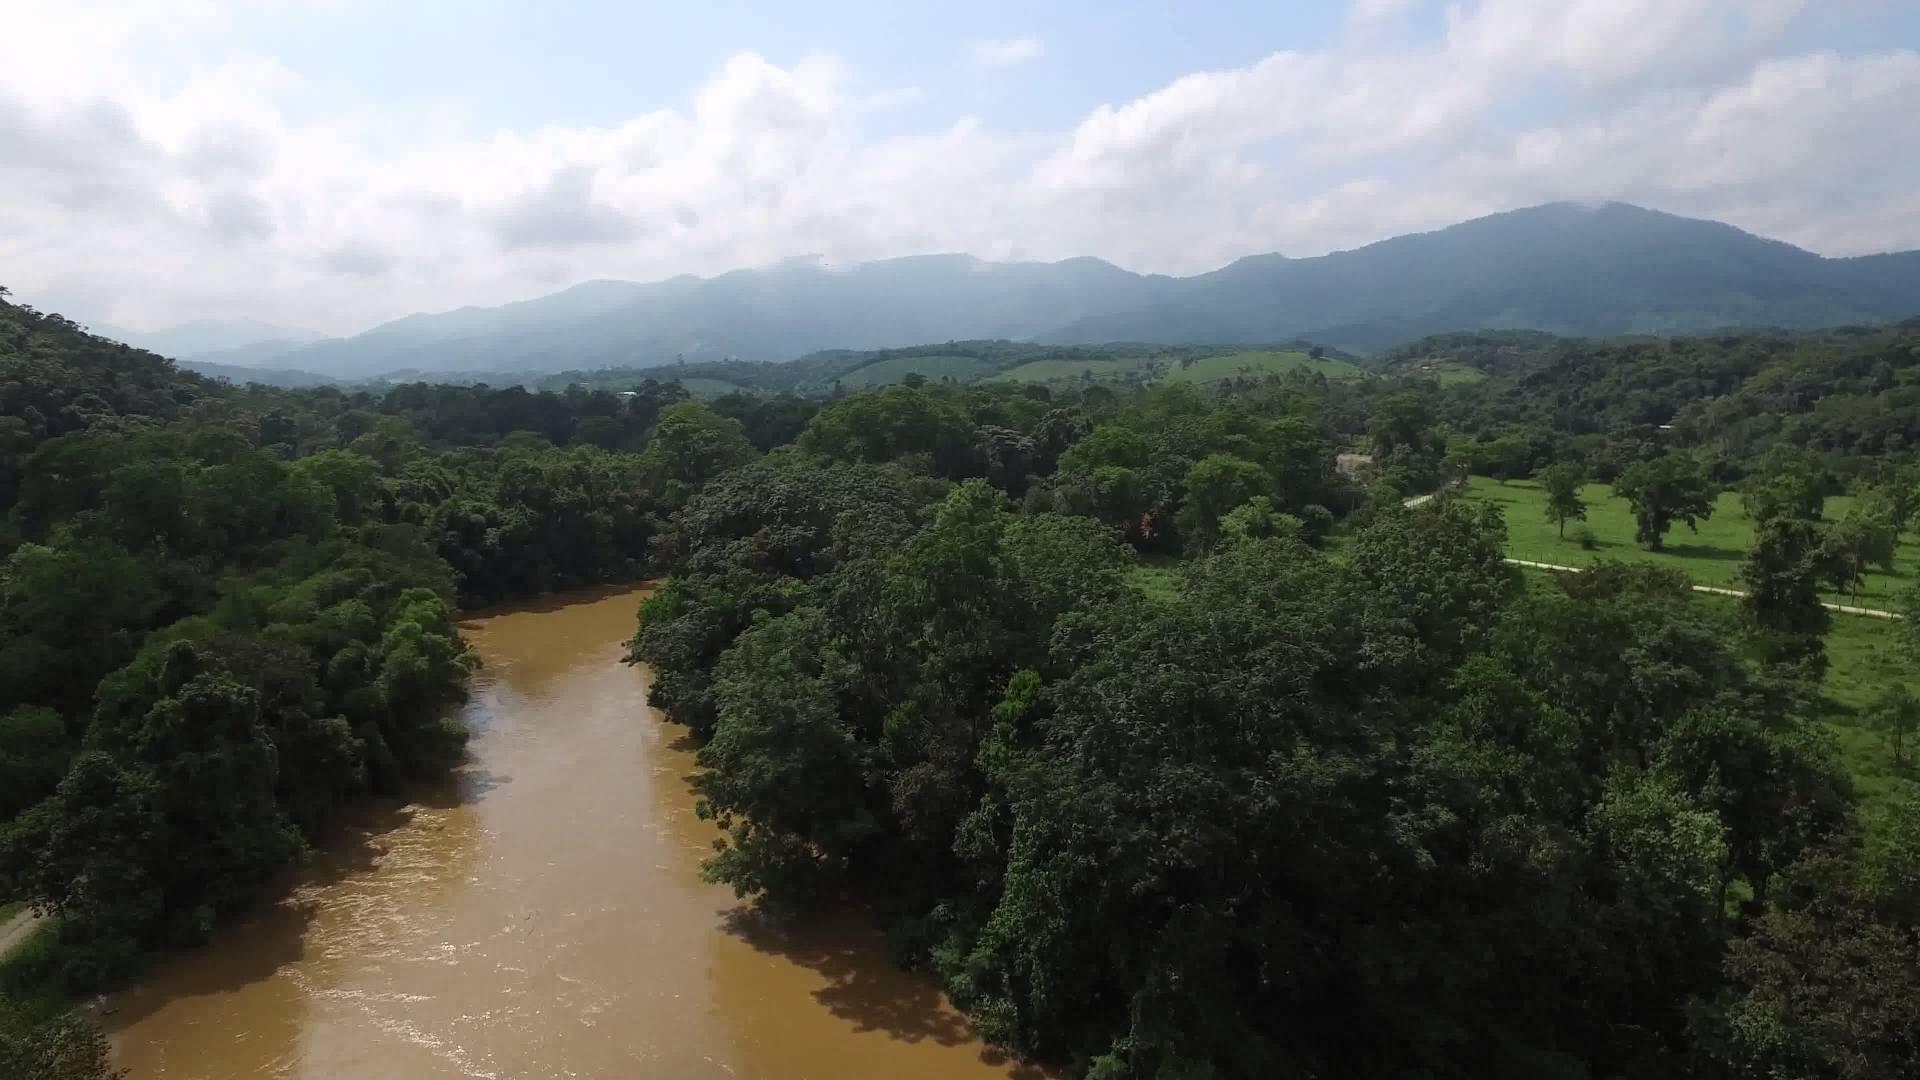 Rio Caninana